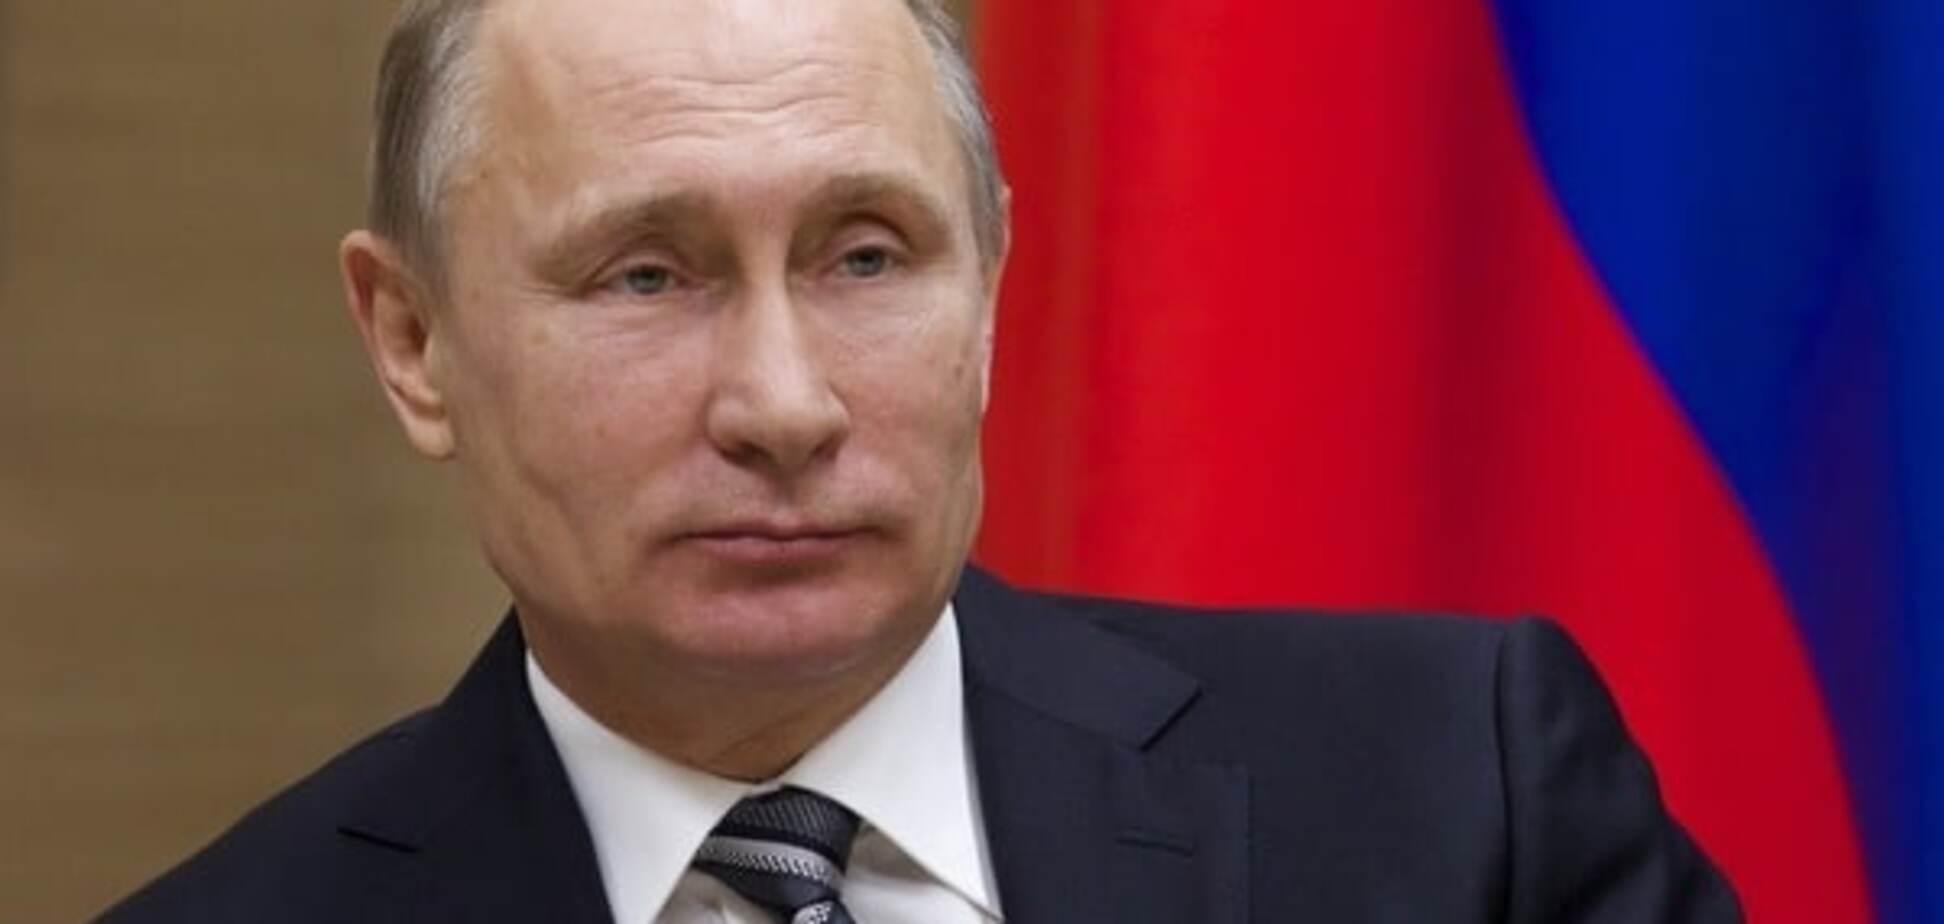 Разоблачение: ВВС назвал Путина самым богатым человеком Европы